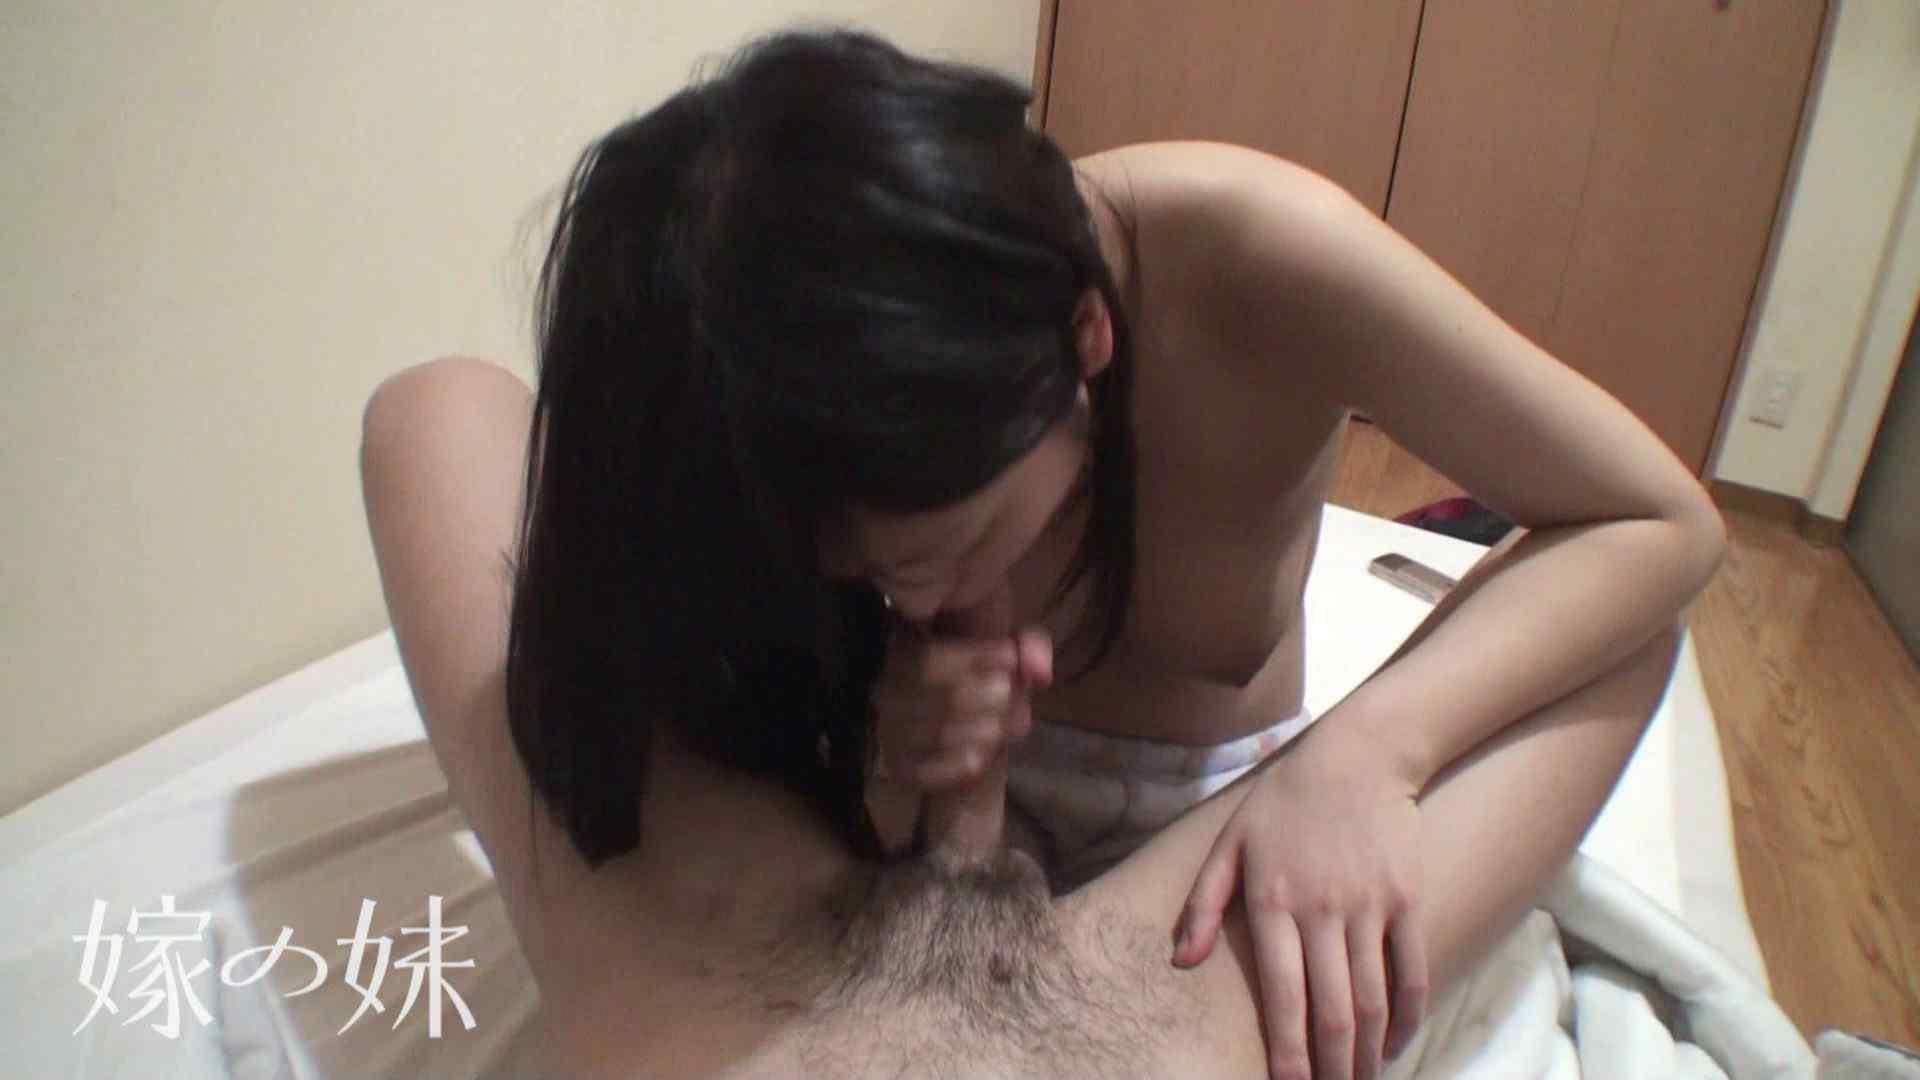 居候中の嫁の妹 vol.2 OL  70pic 49